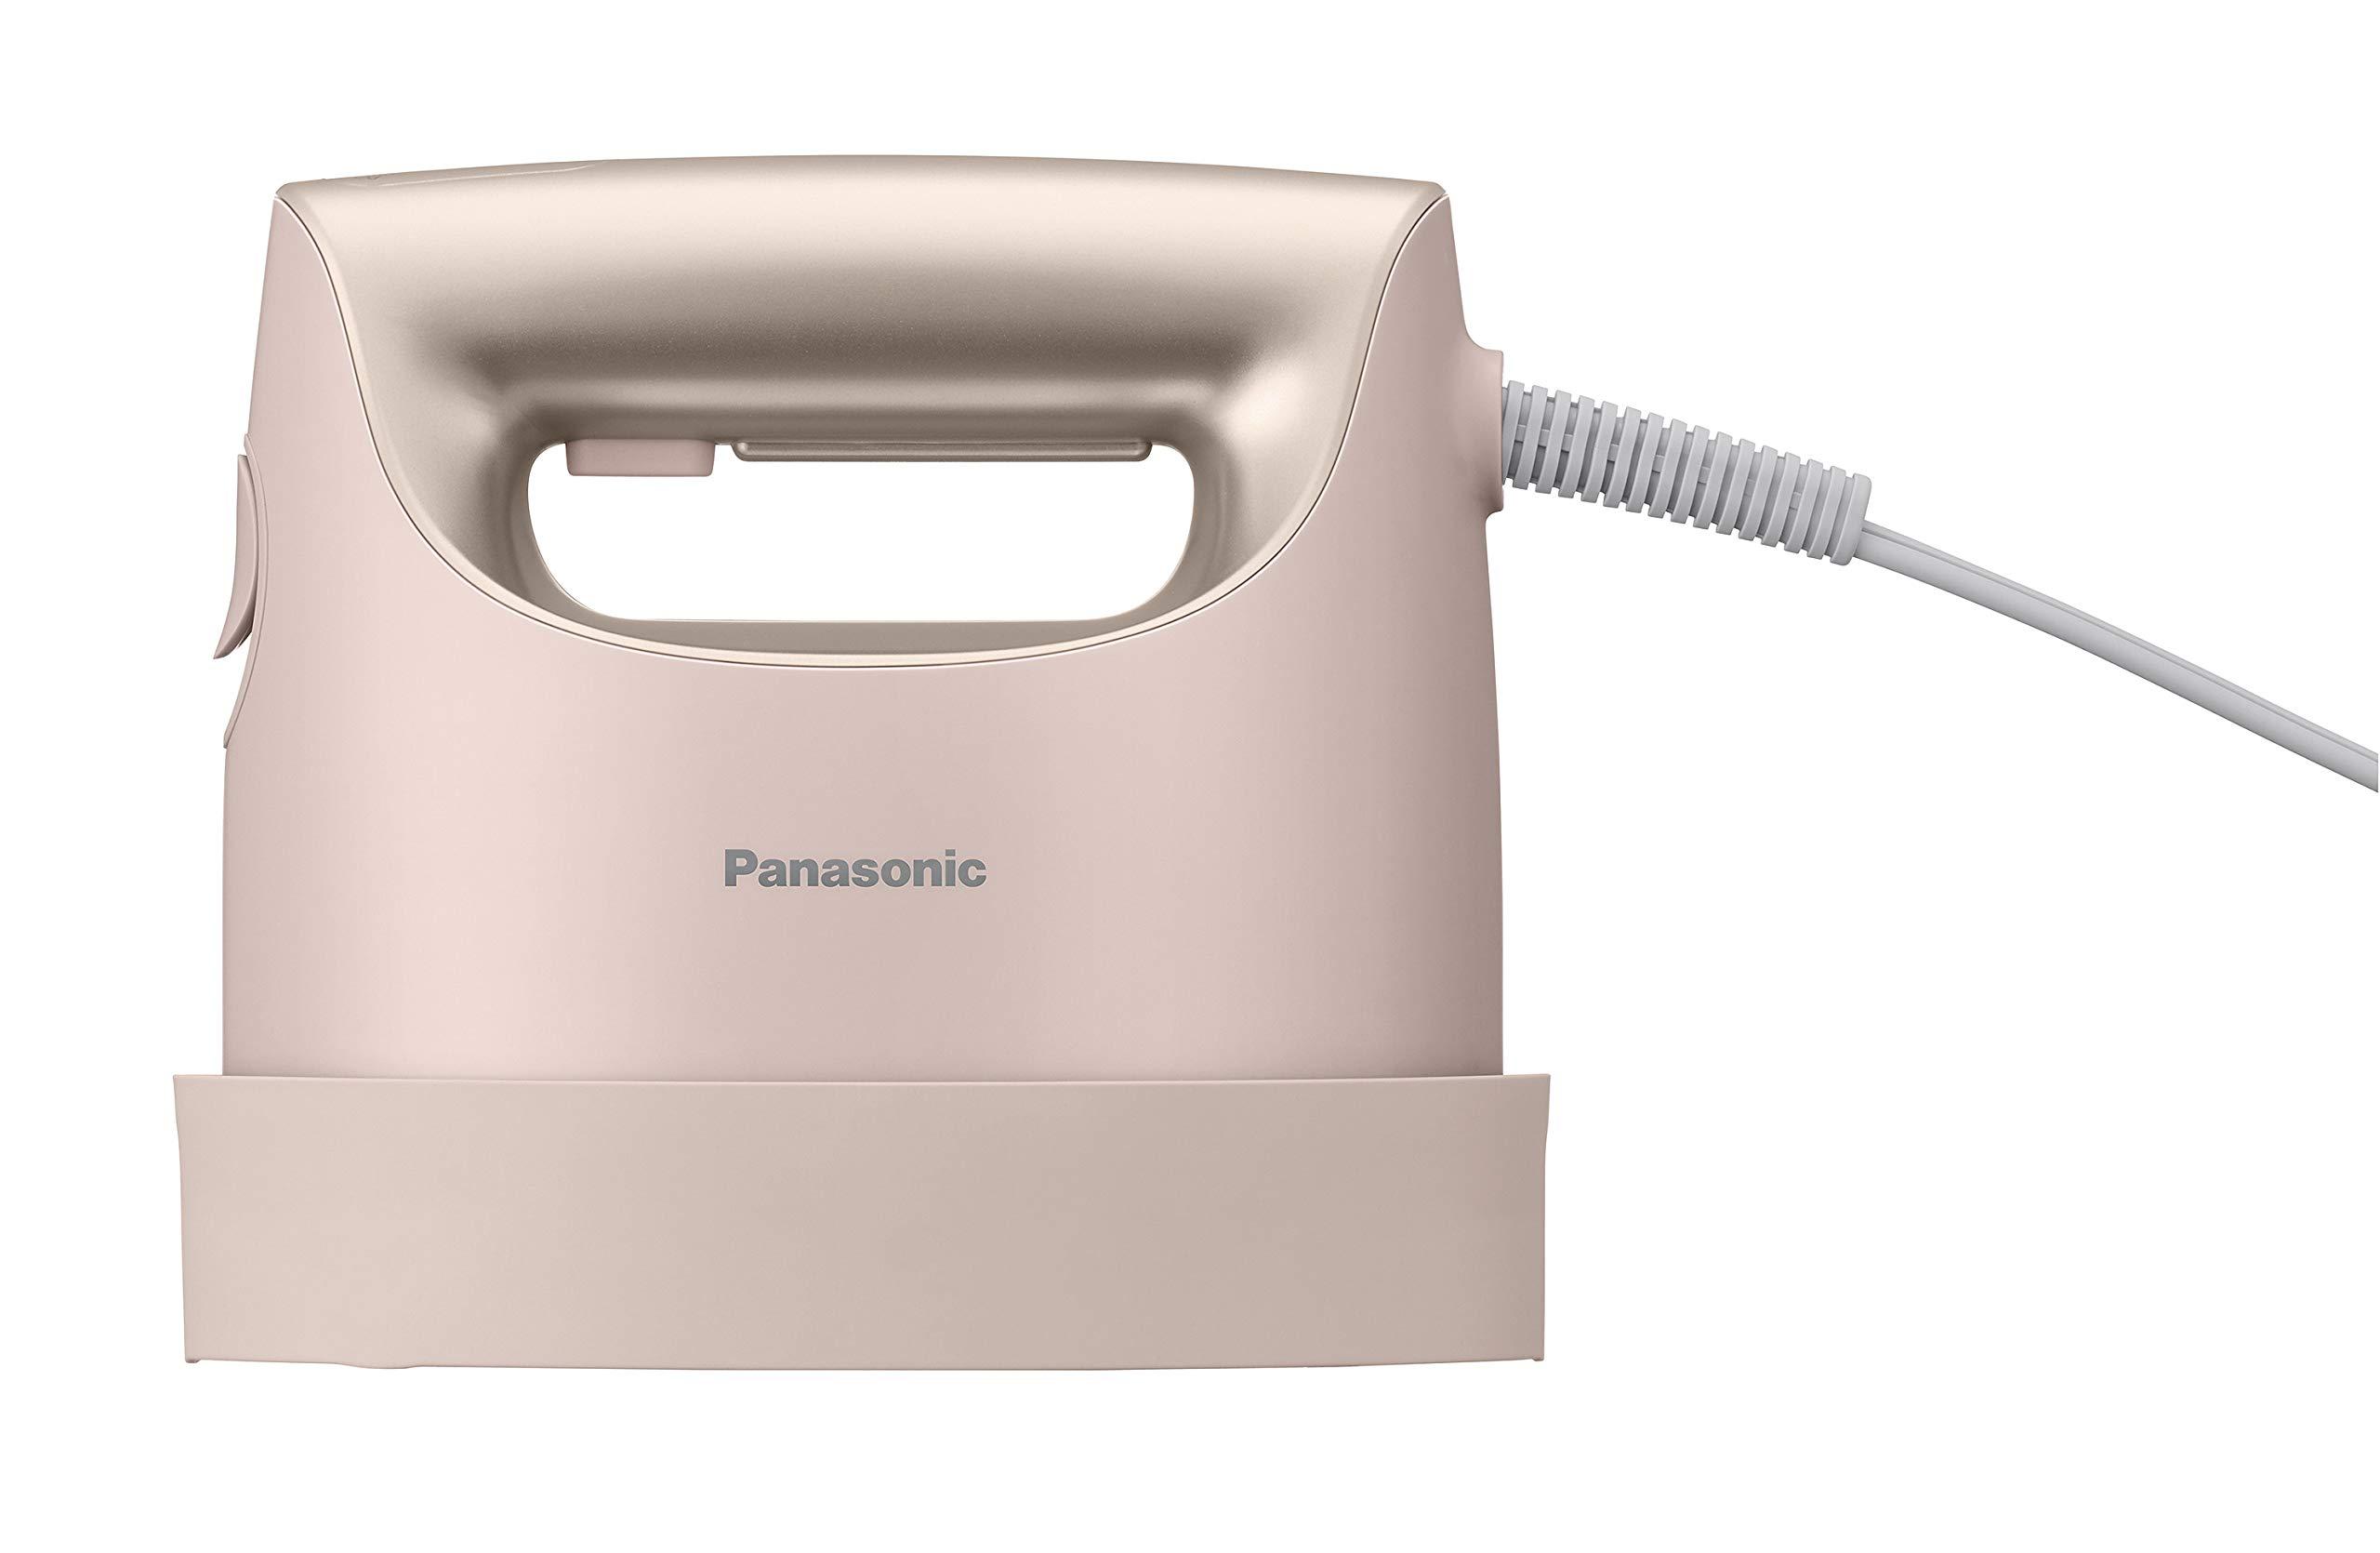 Panasonic Clothing Steamer Pink Gold NI-CFS750-PN Japan Import